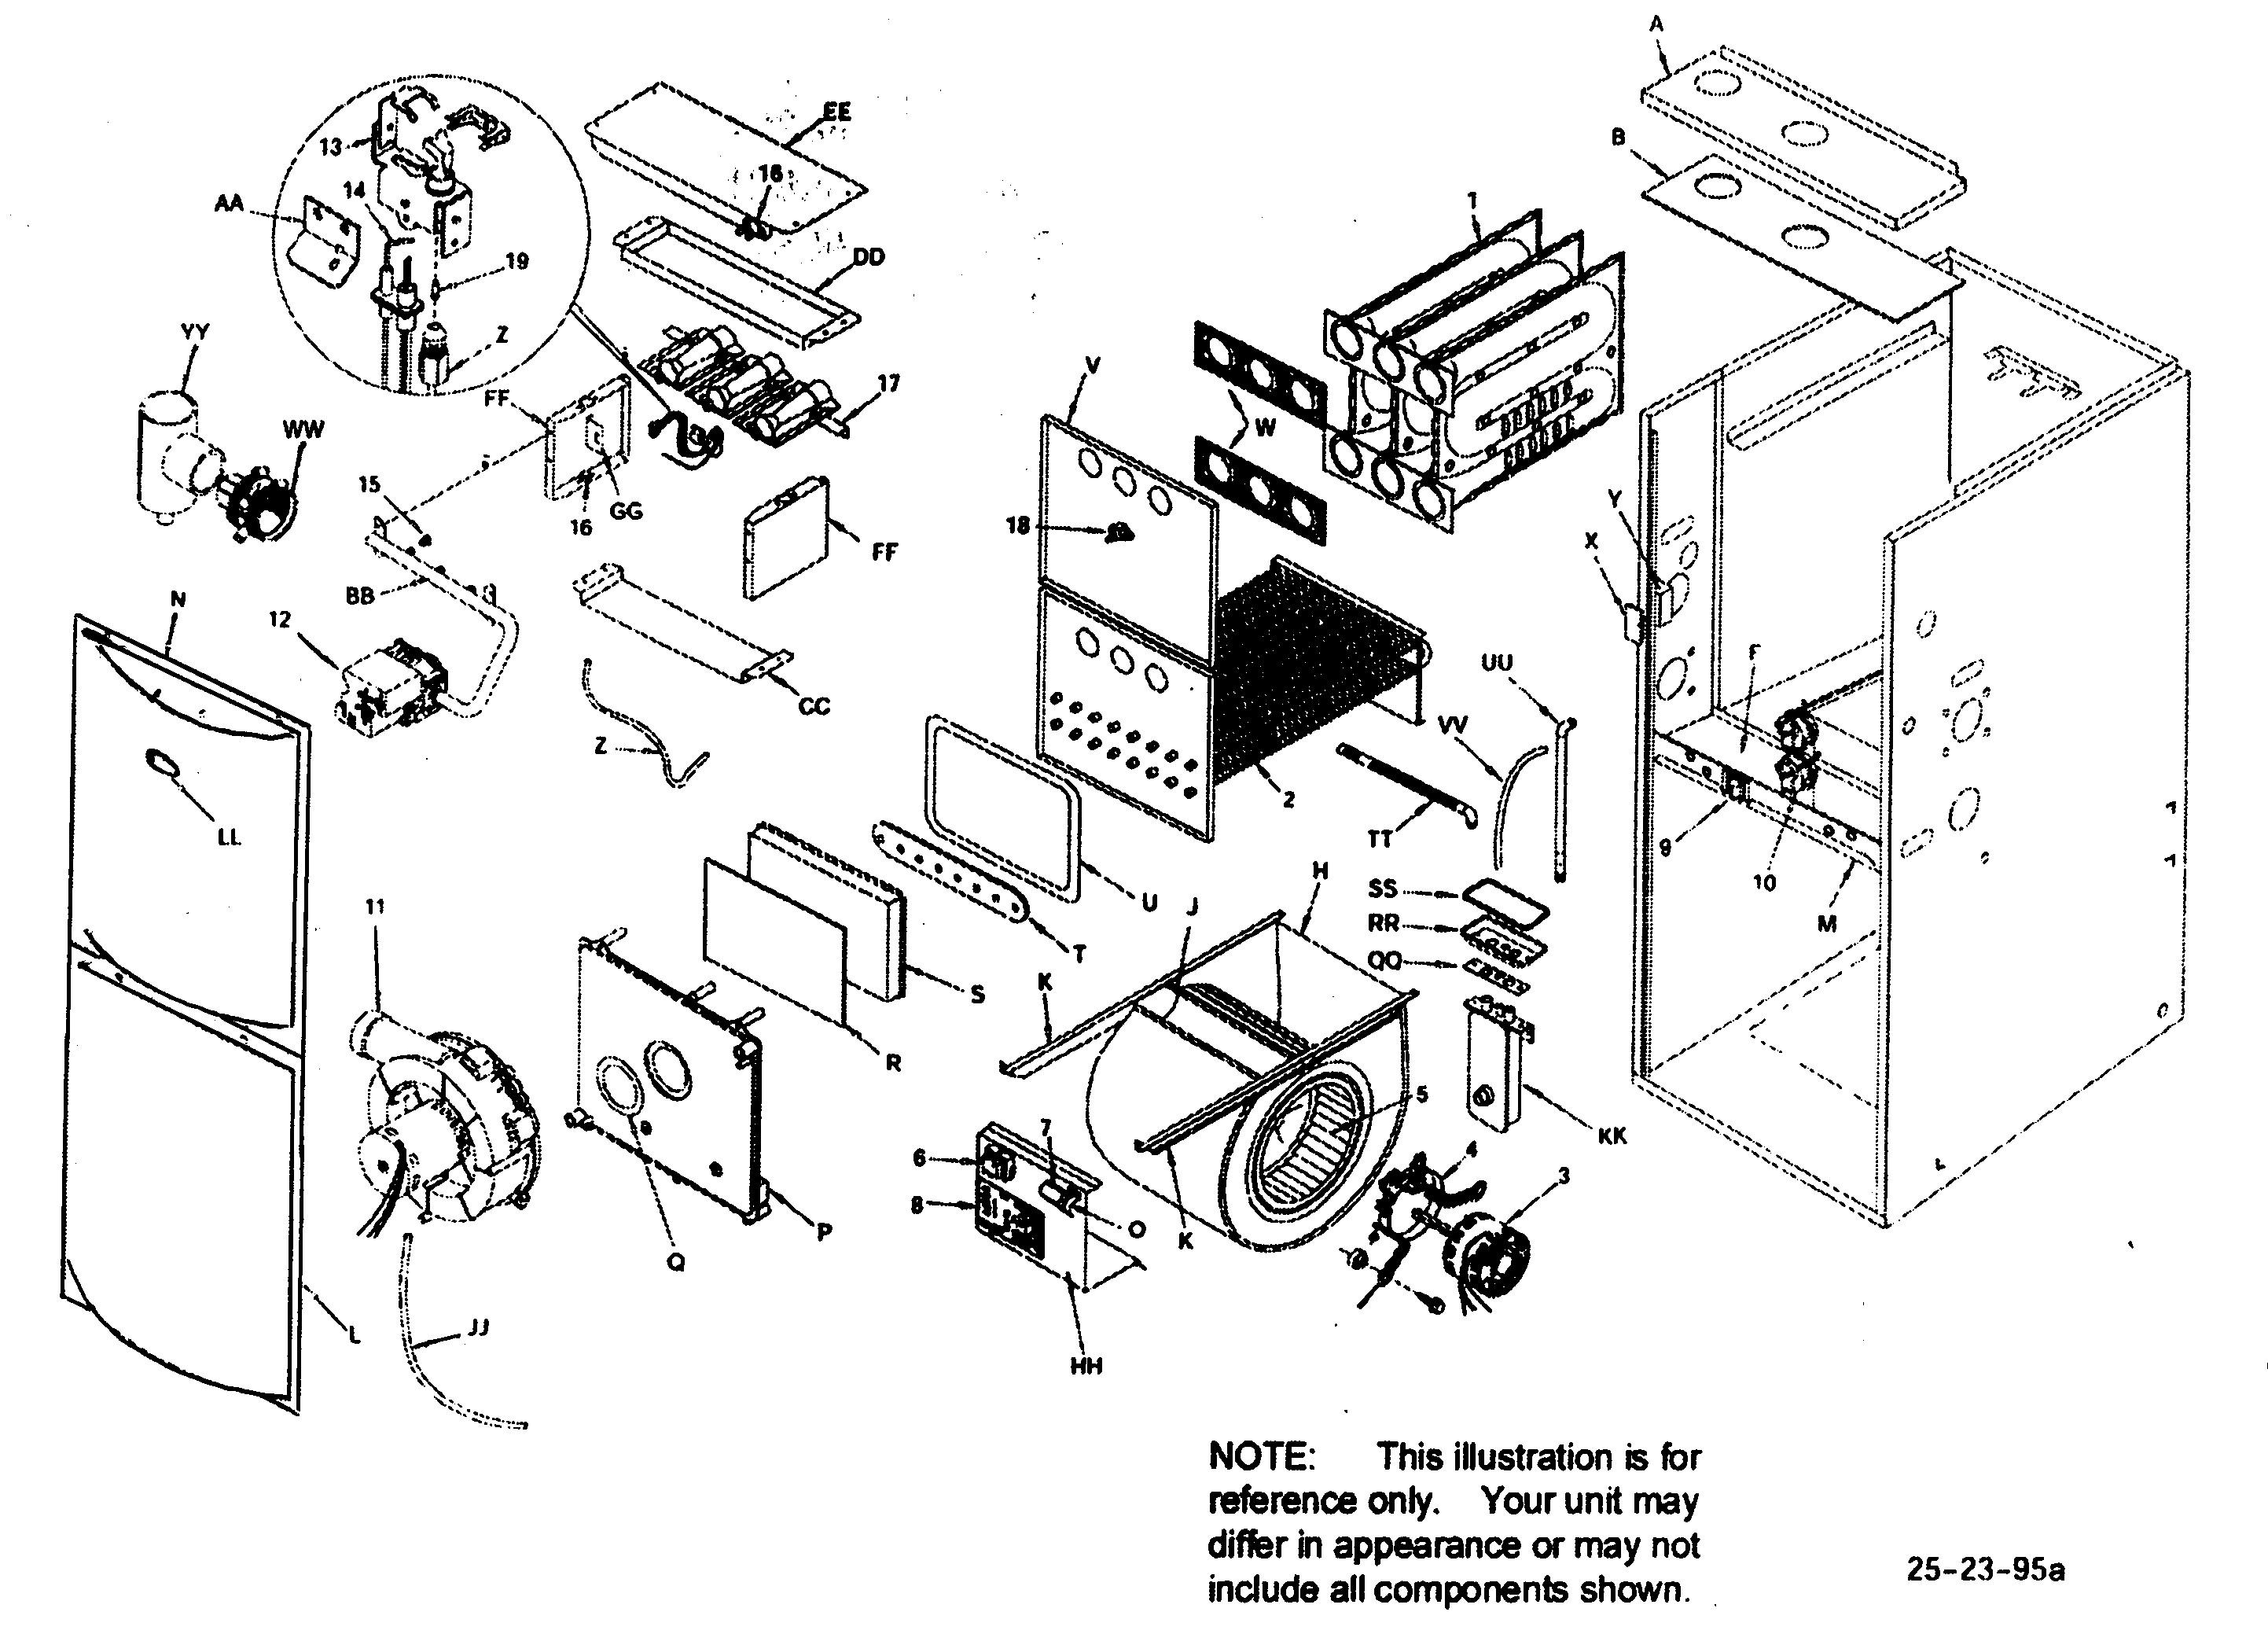 Gas Furnace Parts Diagram Heil Furnace Parts Diagram Facias Of Gas Furnace Parts Diagram